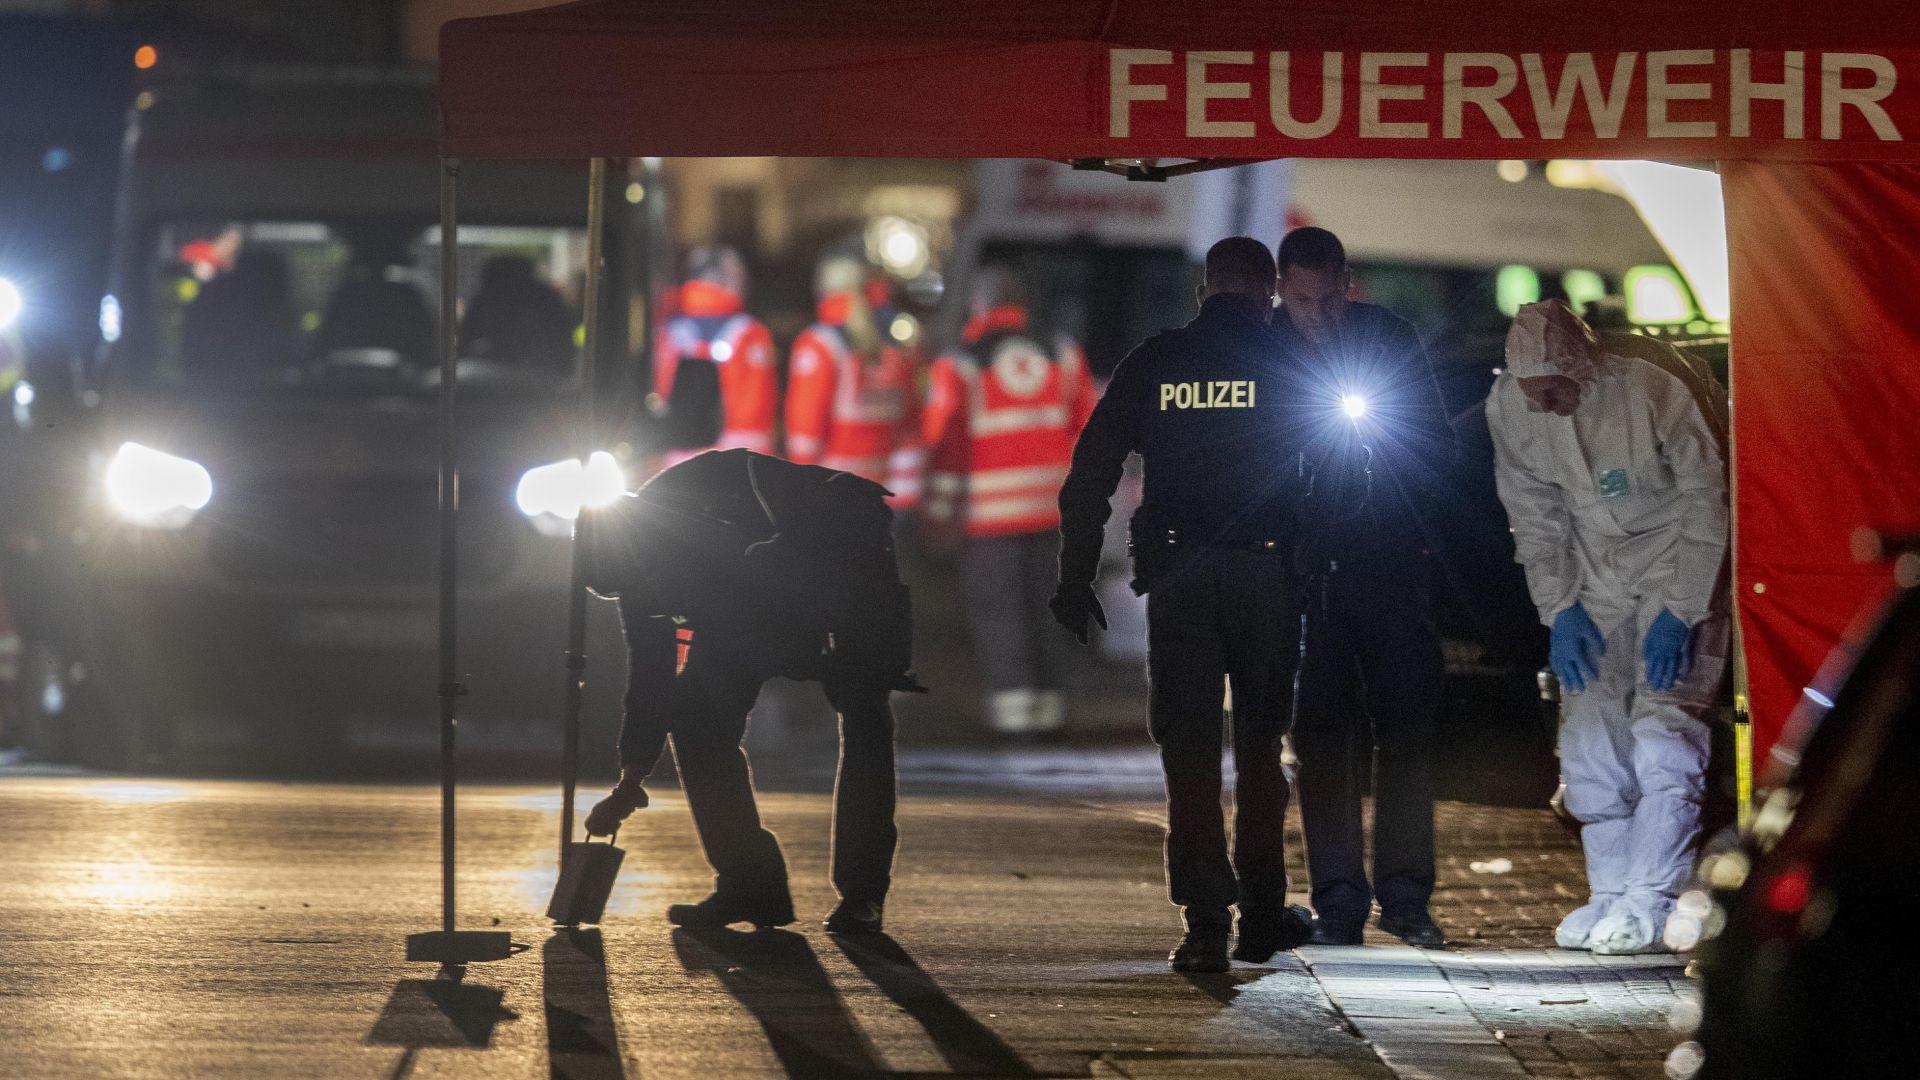 След Ханау: Стреляха и по бар с наргилета в Щутгарт